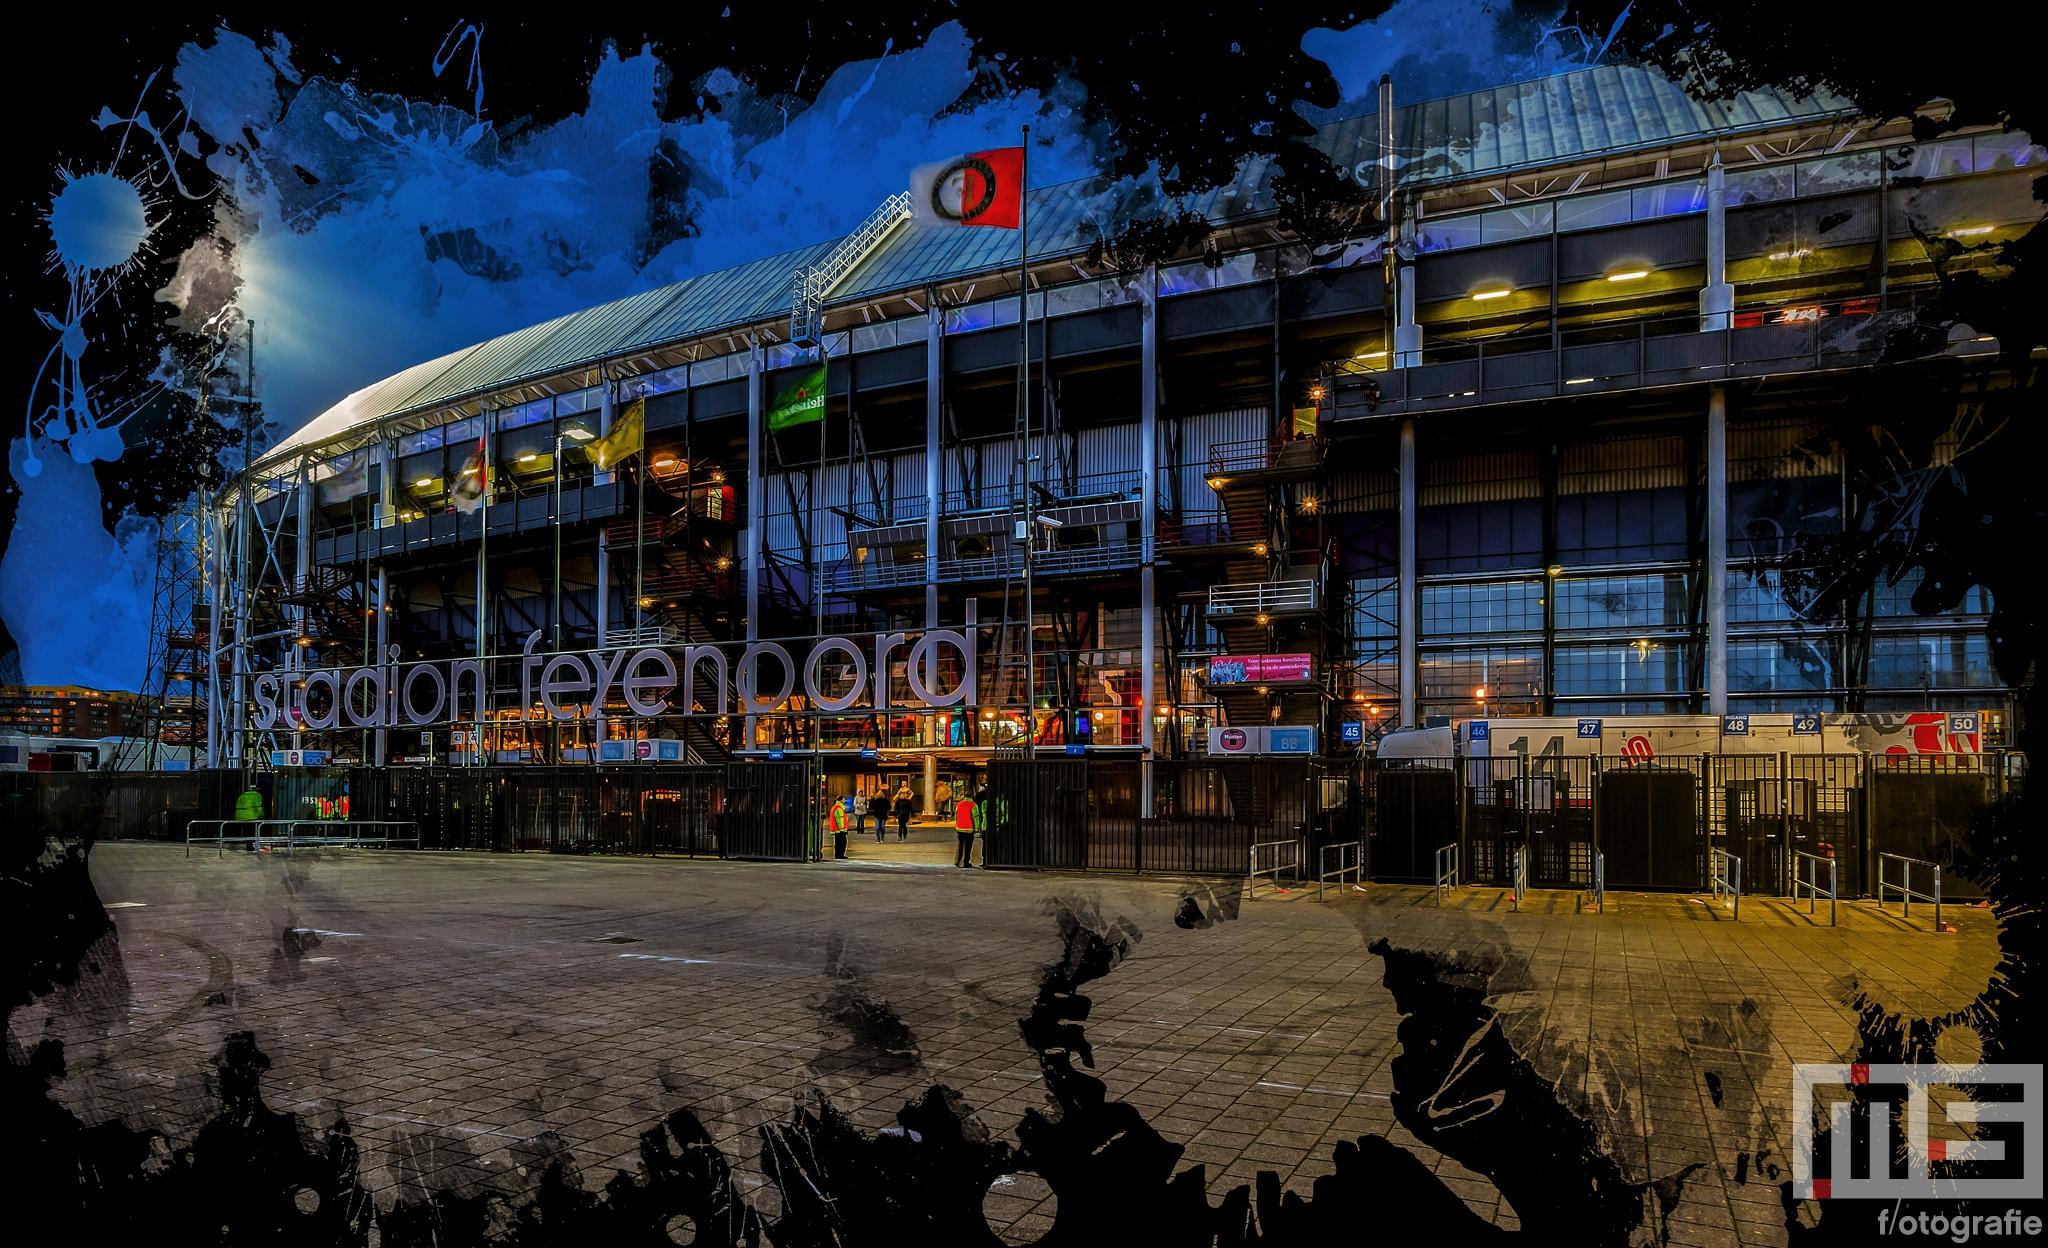 Te Koop   De voorkant van het Feyenoord Art Stadion De Kuip in Rotterdam tijdens een speelavond